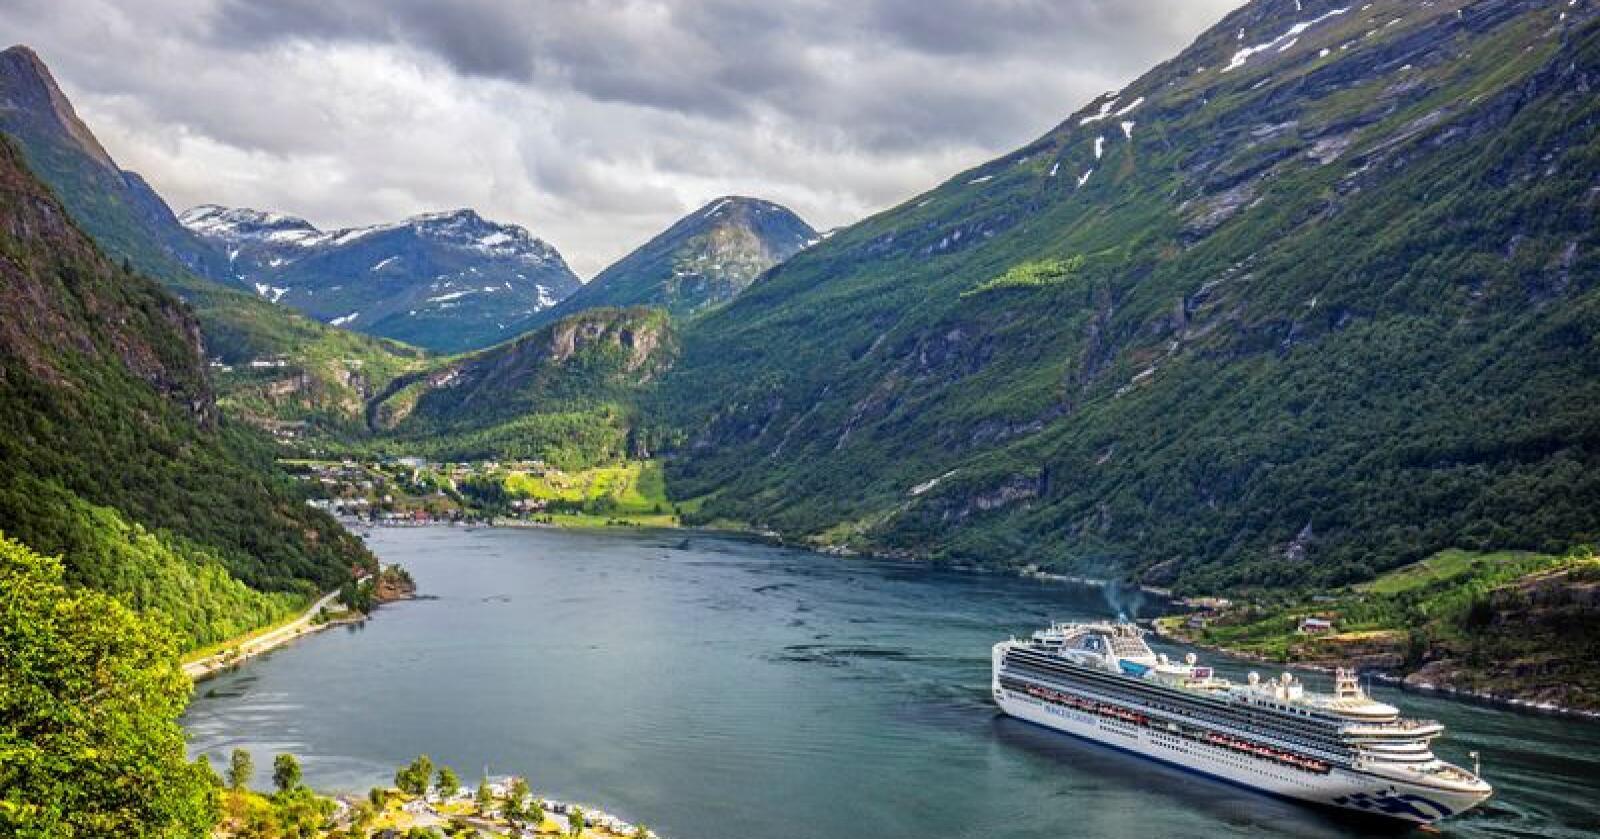 Geirangerfjorden i Møre og Romsdal er blant dei meste populære cruisedestinasjonane i Noreg. No blir miljøkrava til skipa skjerpa. Arkivfoto: Halvard Alvik, NTB scanpix / NPK